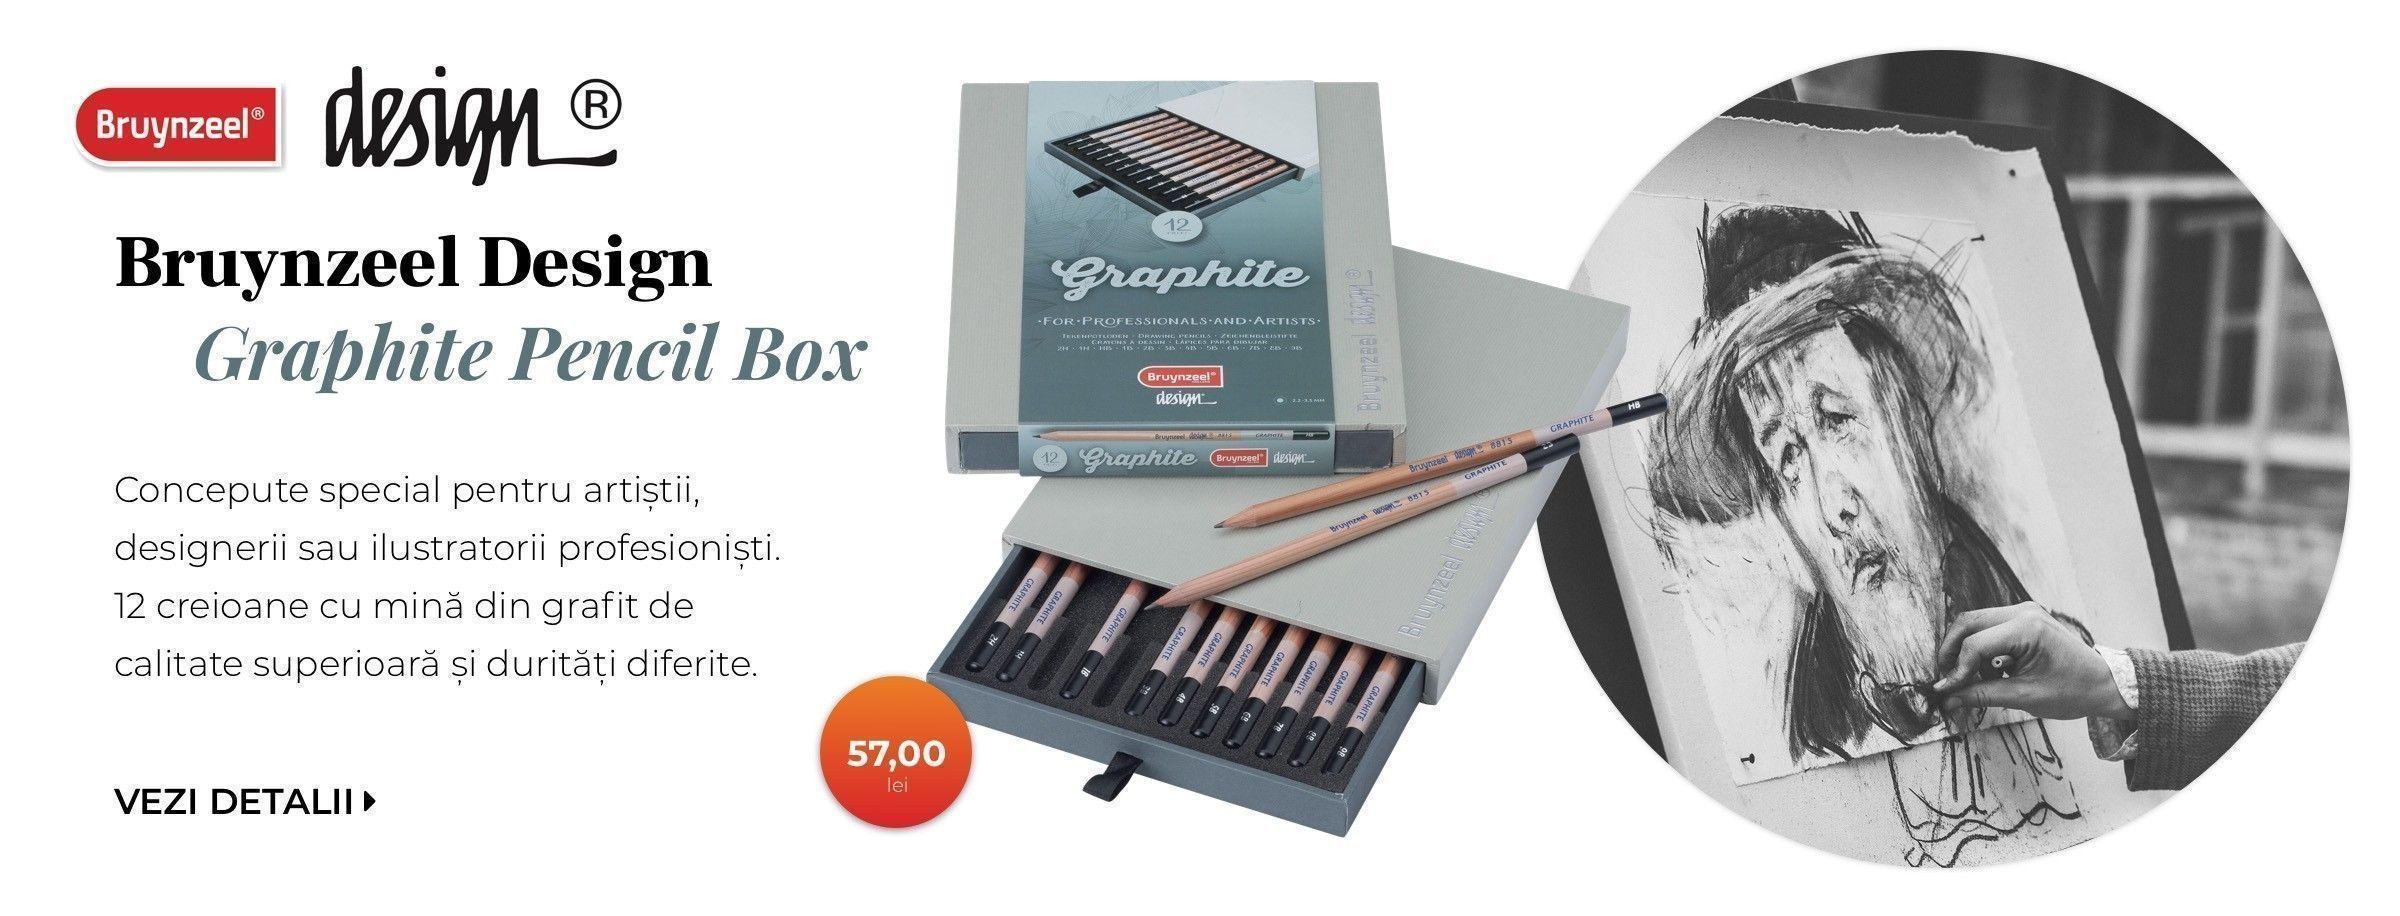 banner Bruynzeel Design Graphite Box